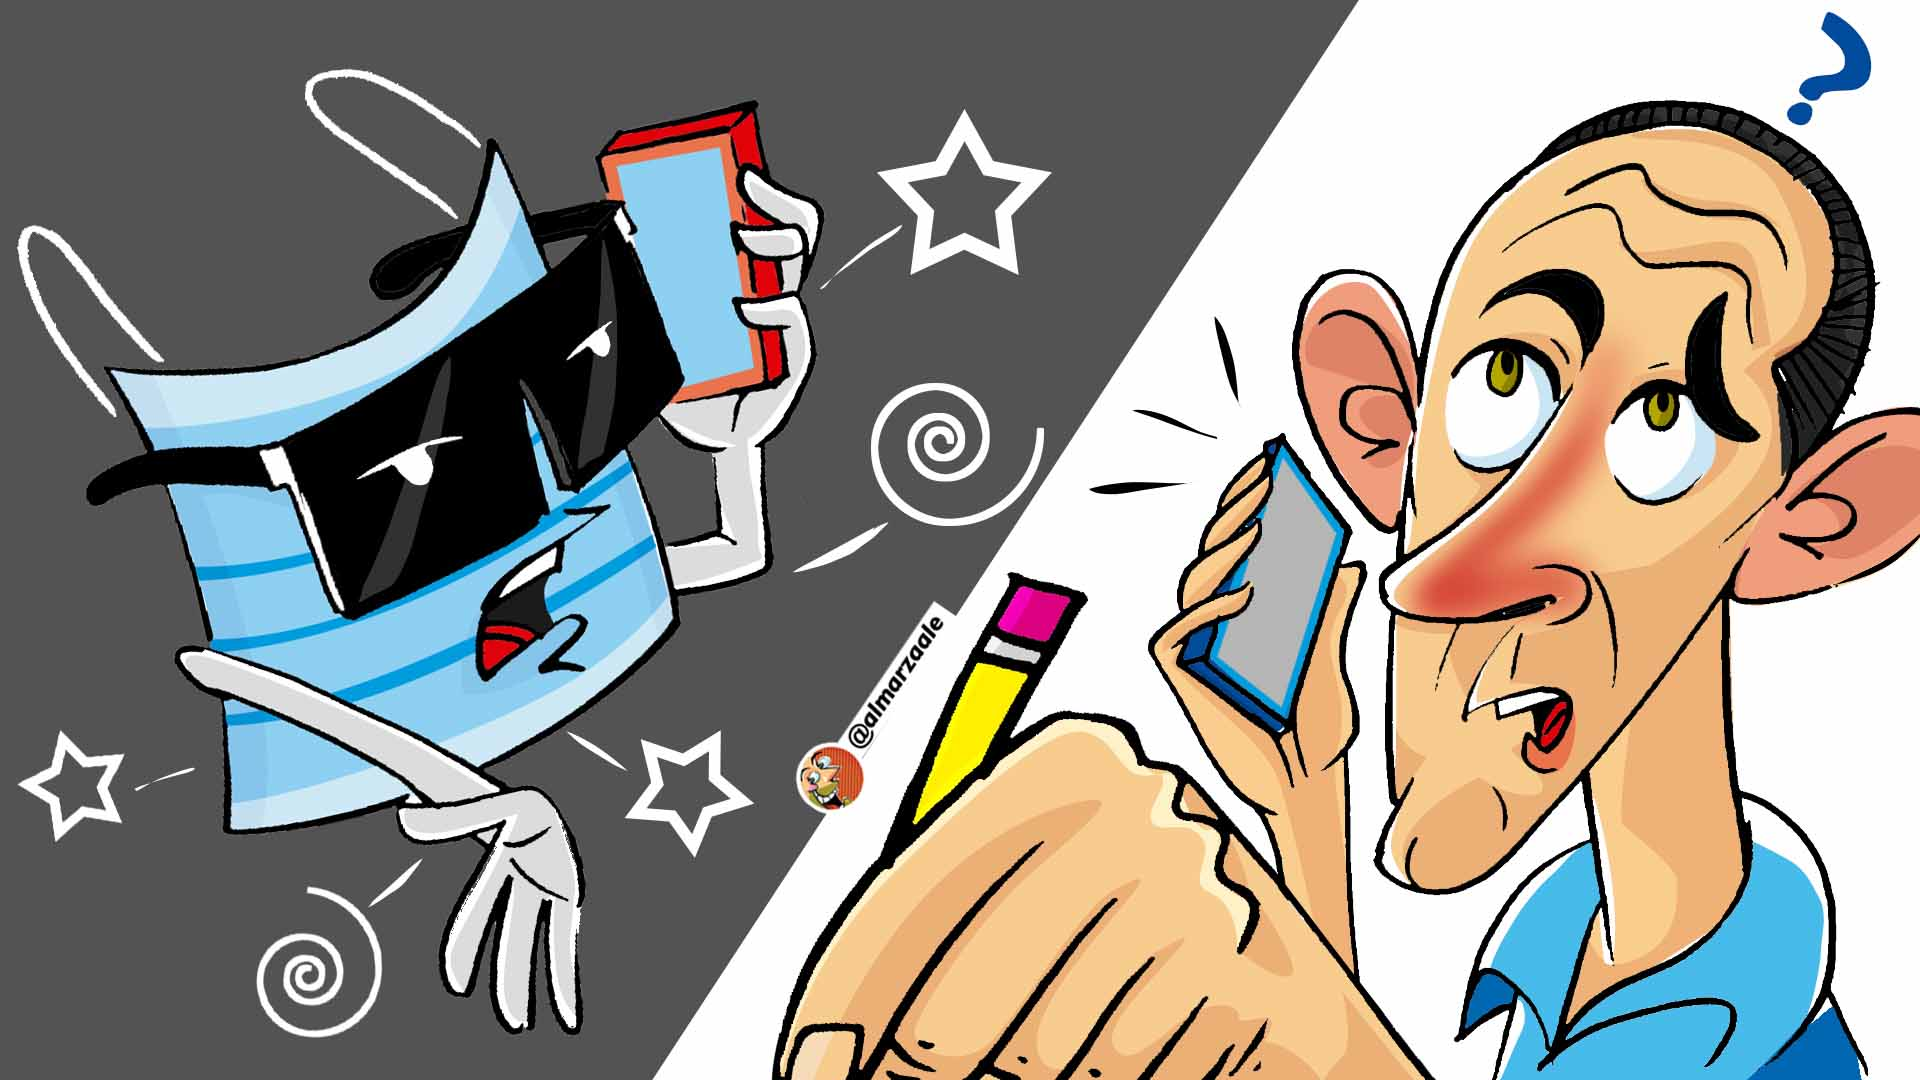 Derecho a réplica de un tapabocas, por Reuben Morales